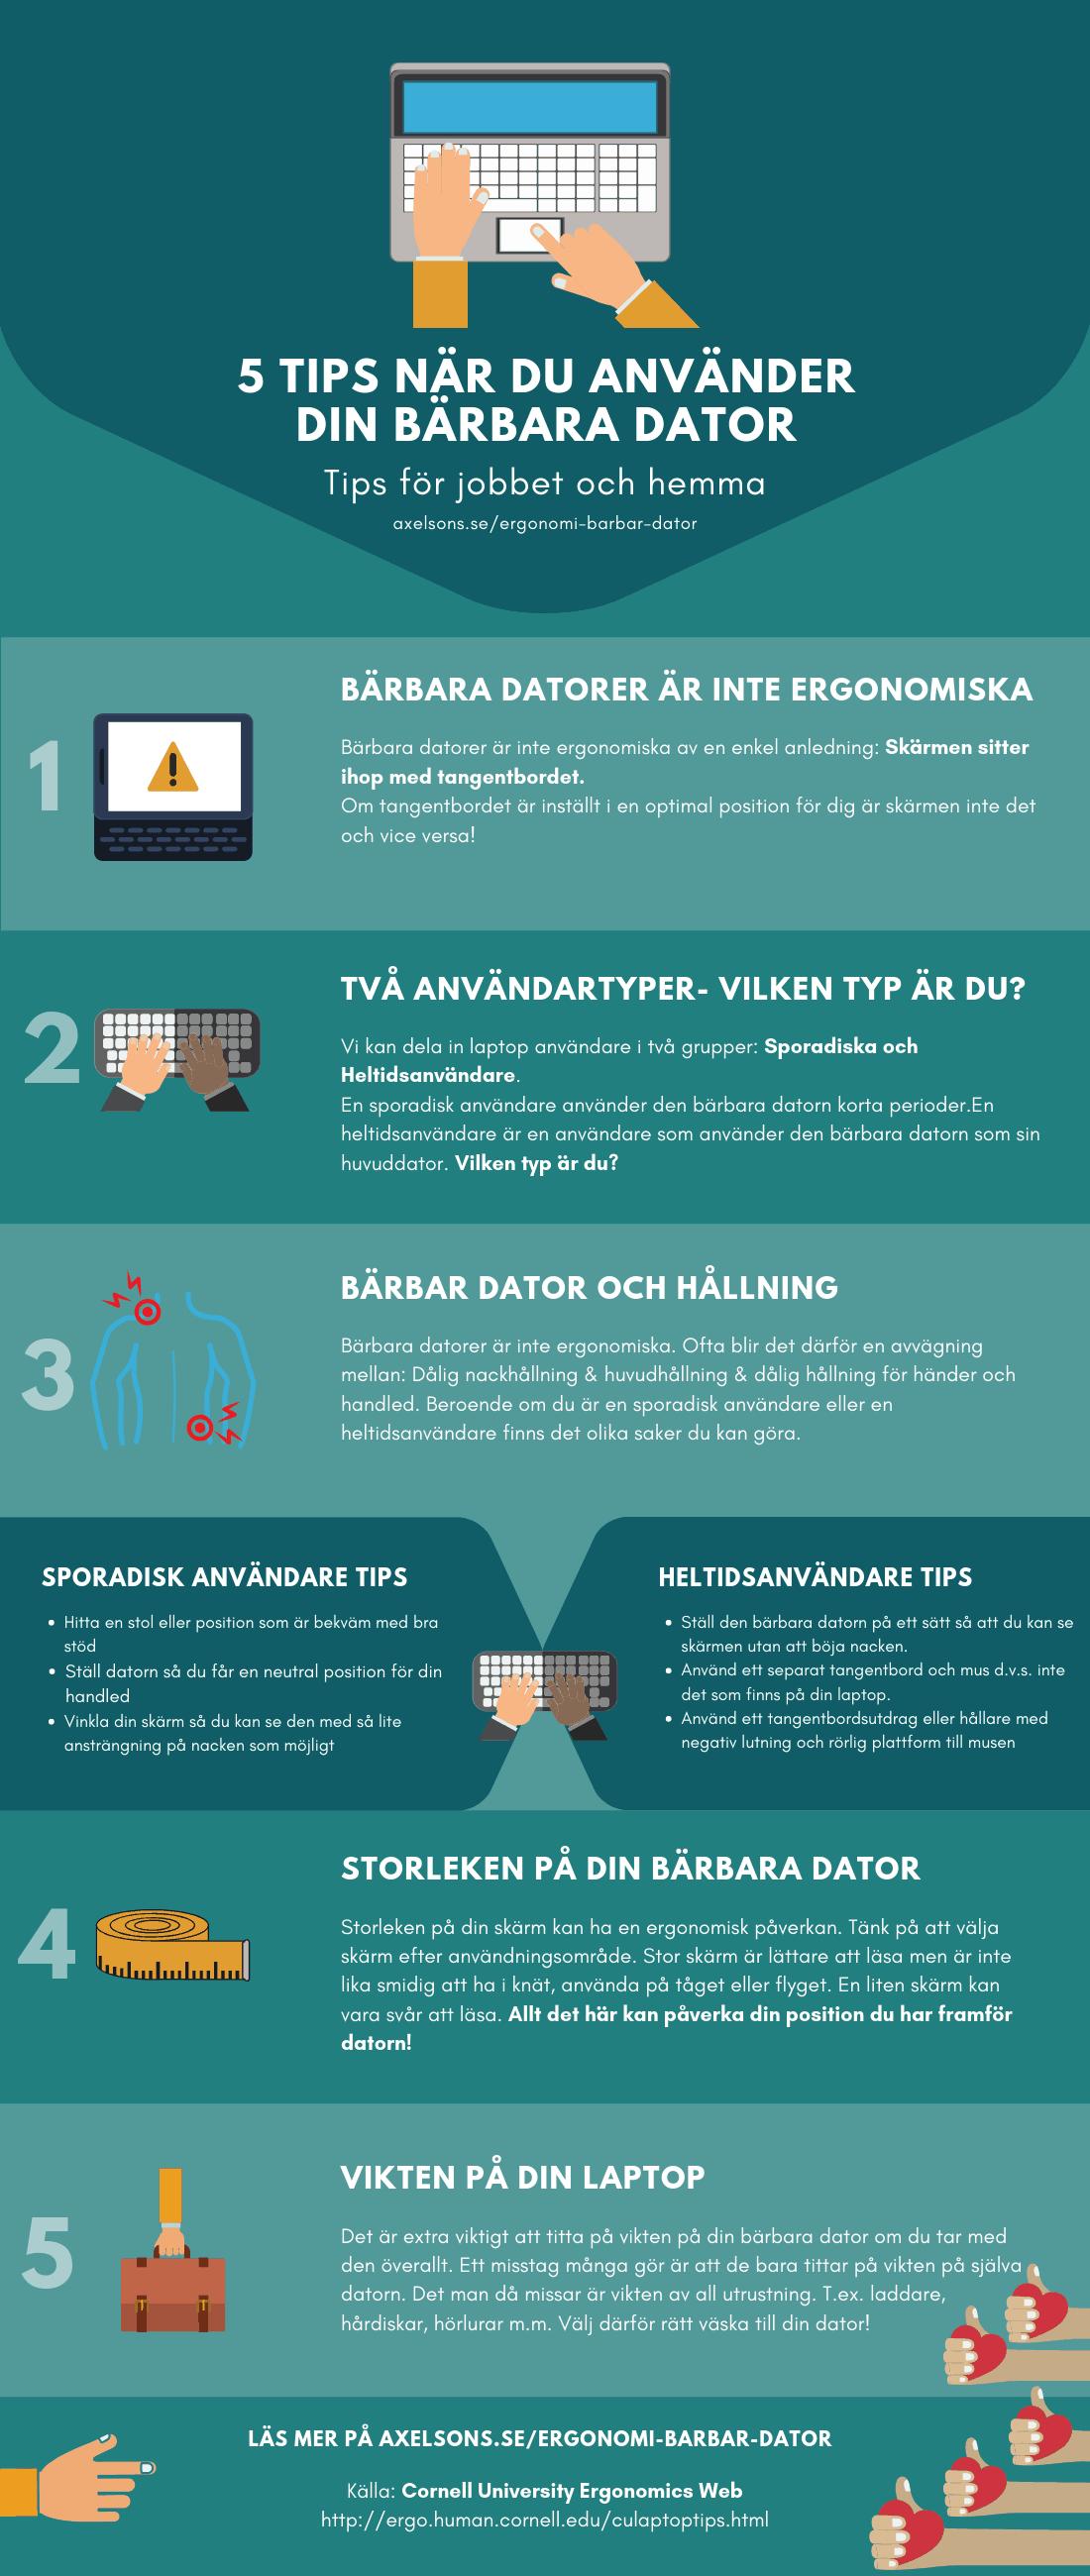 Ergonomi - 5 tips bärbar dator Axelsons.se